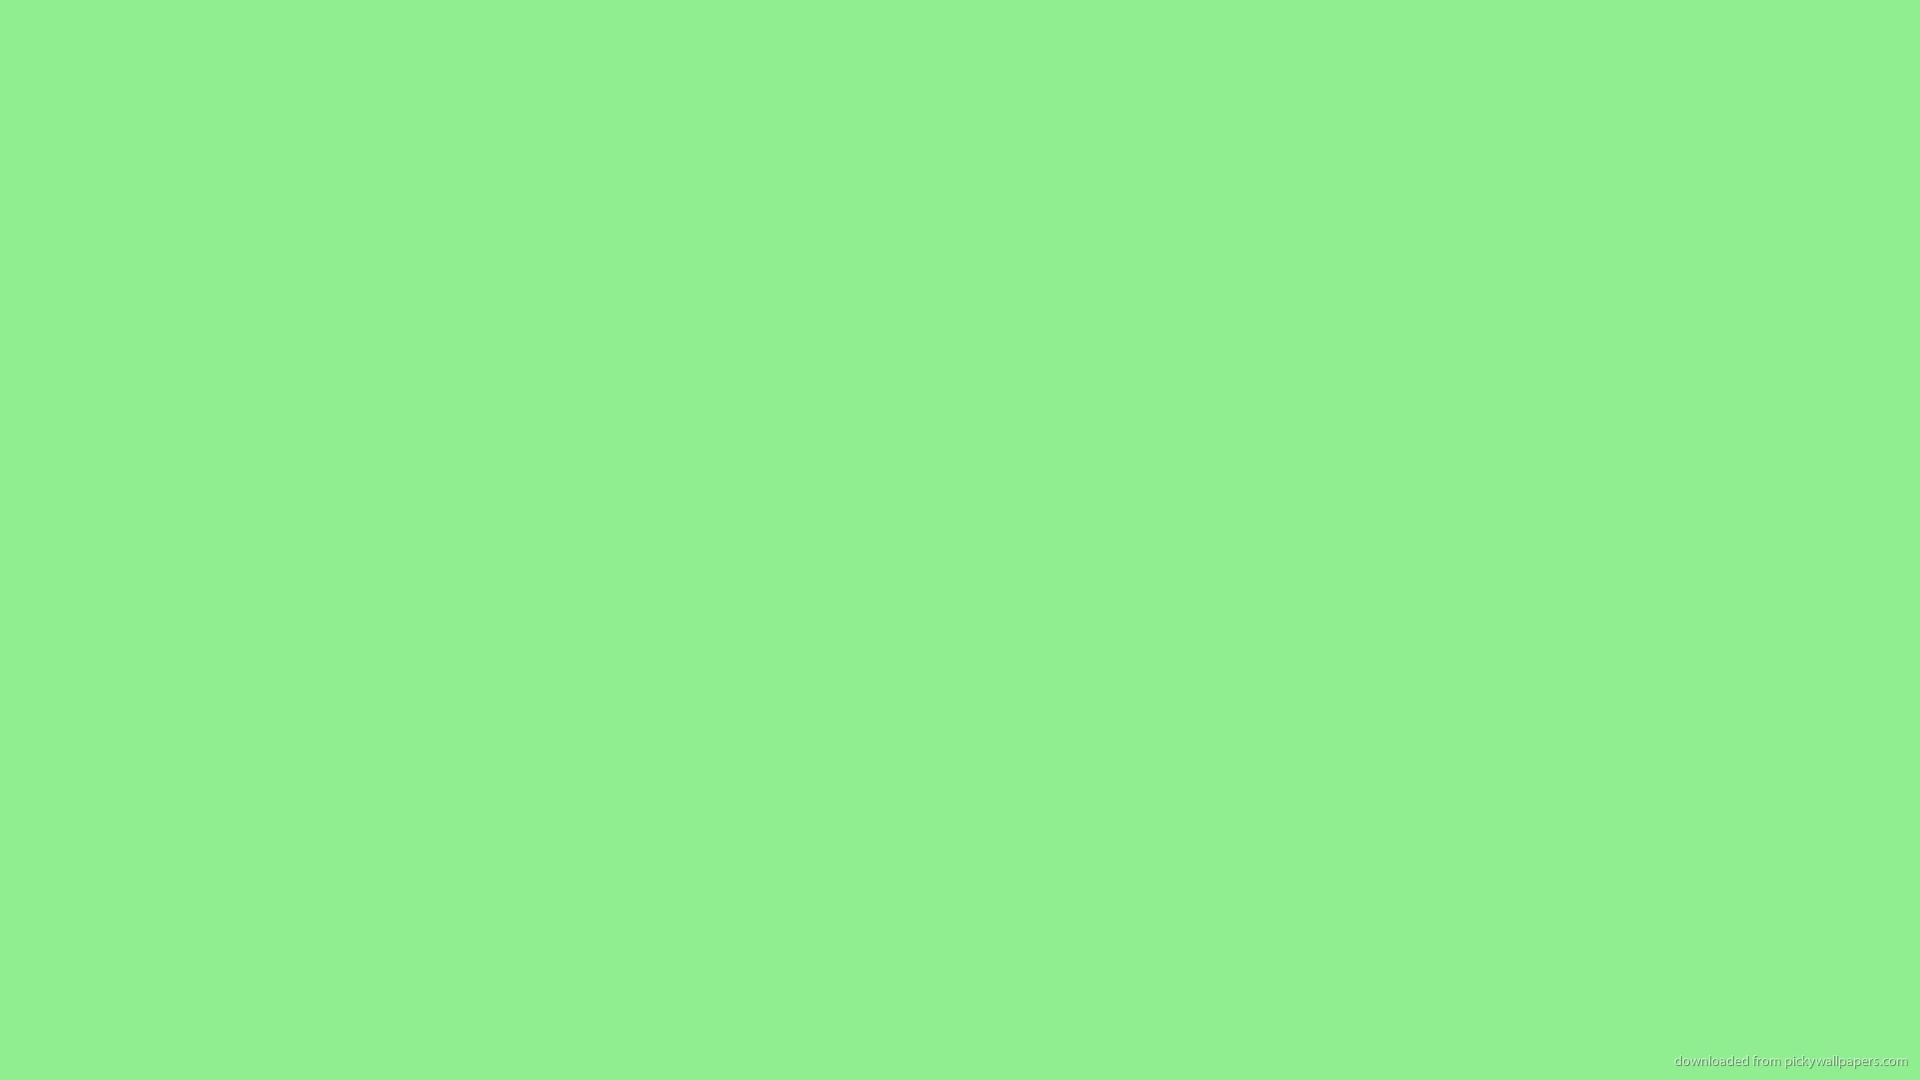 Solid Color iPhone Wallpaper - WallpaperSafari